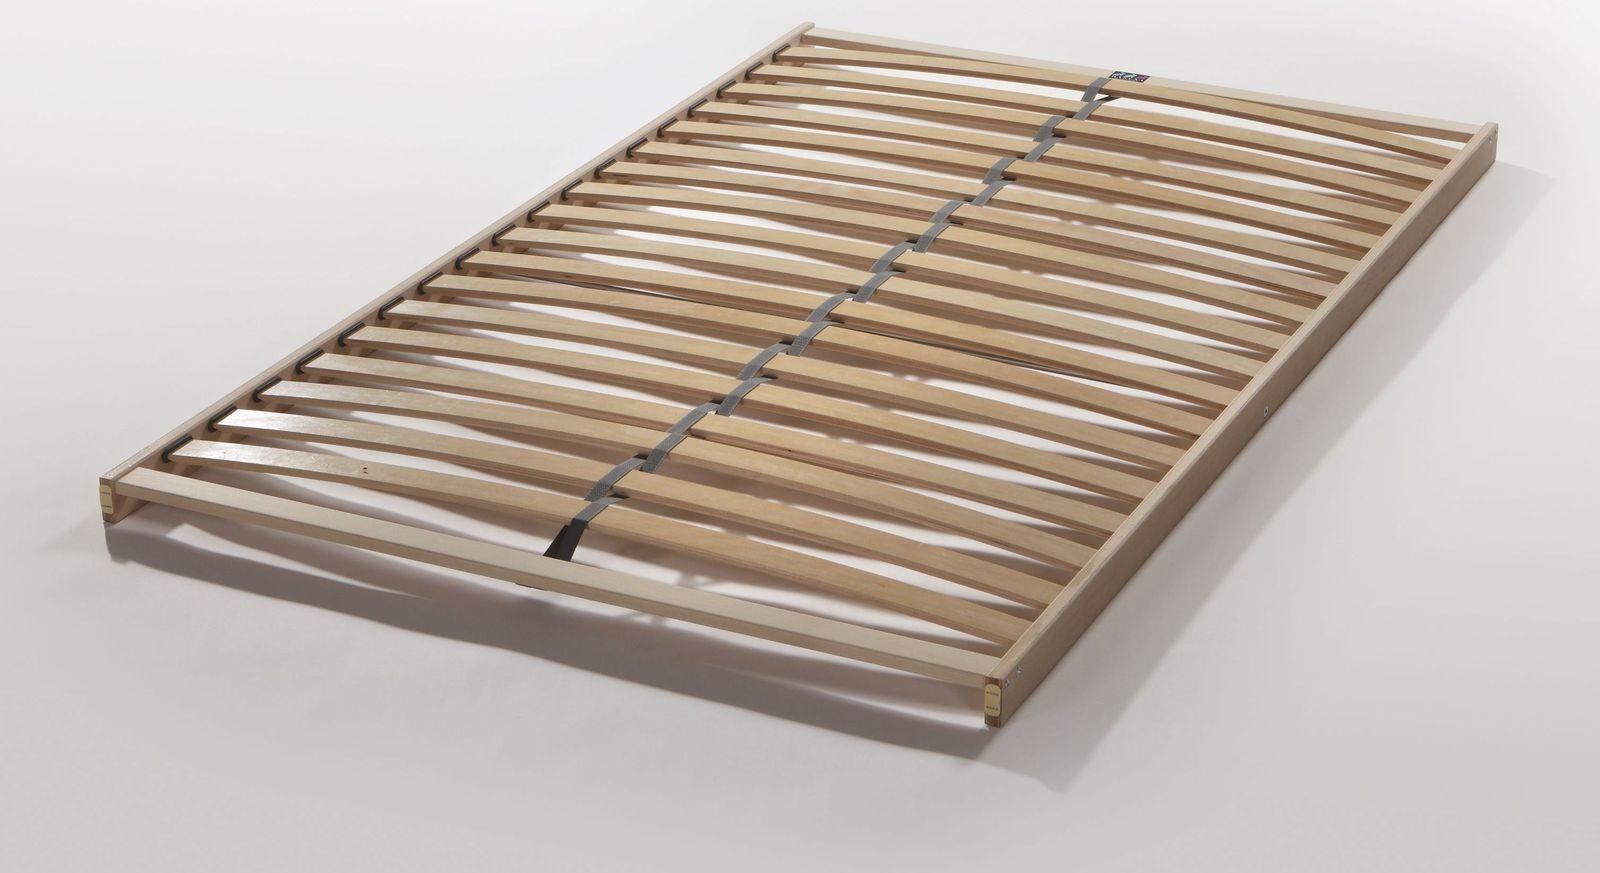 Standard-Lattenrost Kim in der breiten Variante